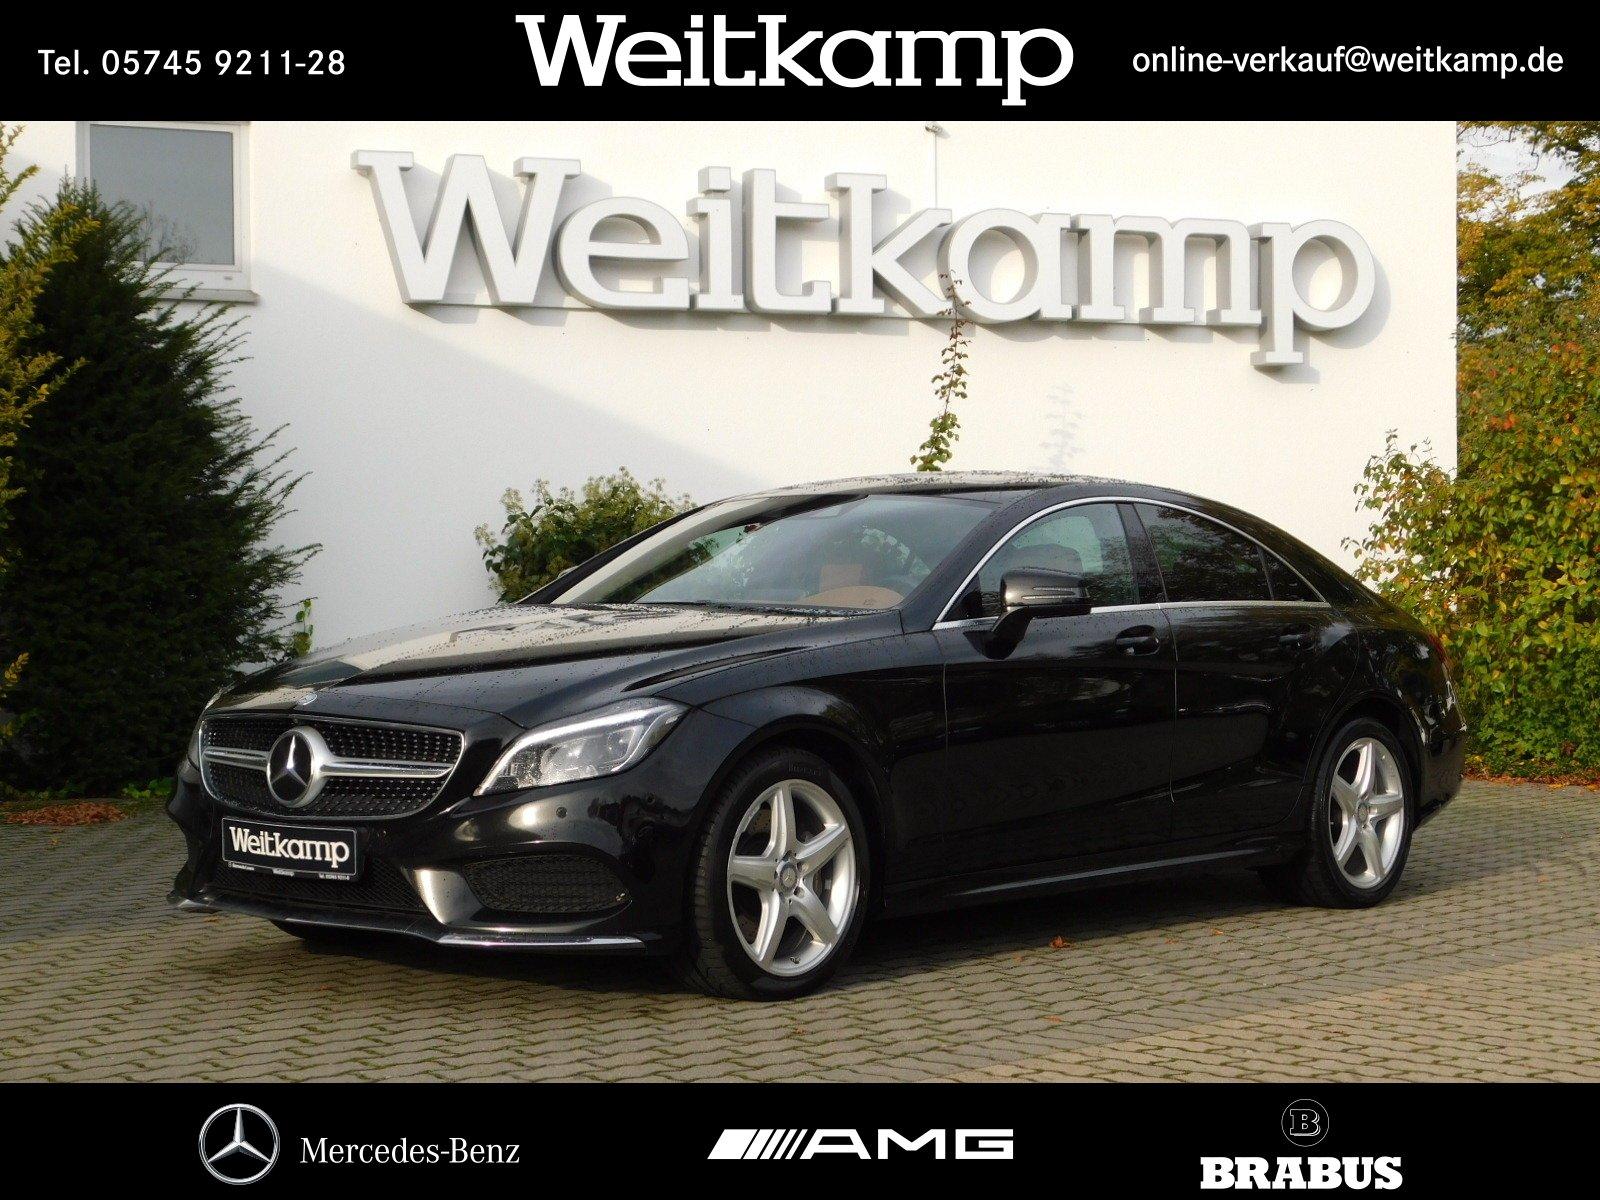 Mercedes-Benz CLS 350 d 4M Coupé AMG+Comand+Multib.+360°+SHD., Jahr 2016, diesel